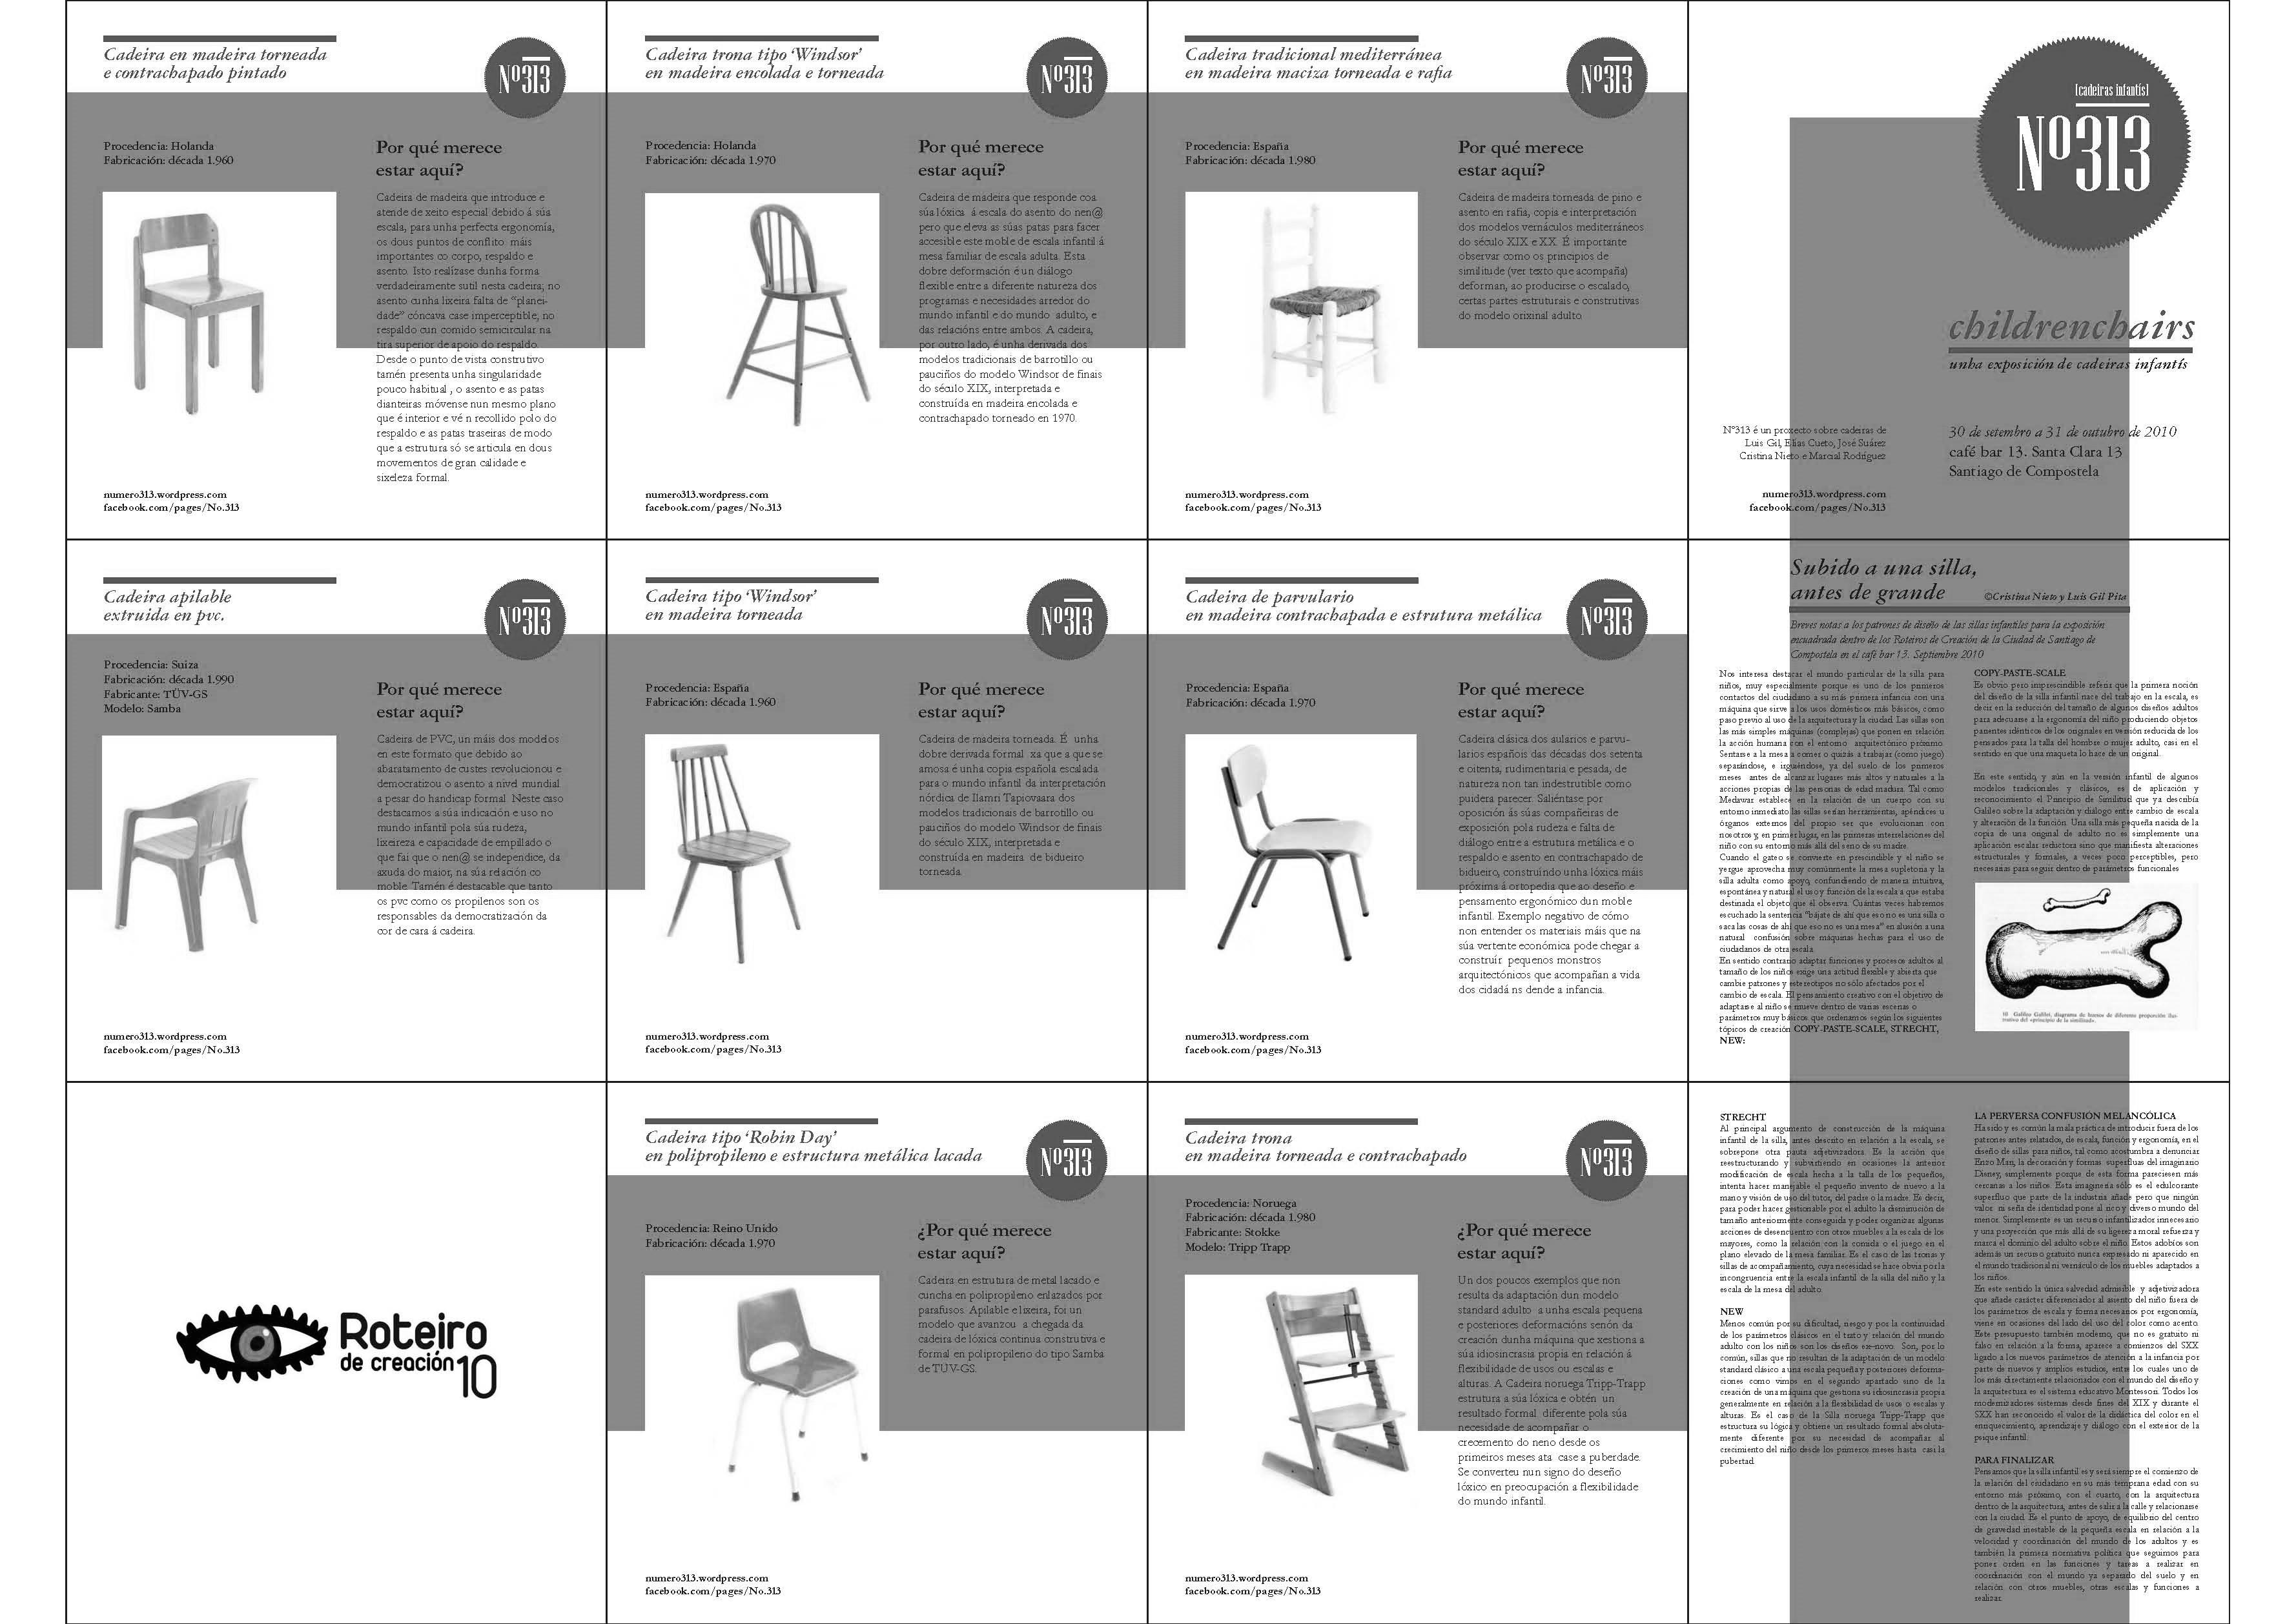 """Exposición sobre el asiento infantil: """"Subido a una silla, antes de grande"""""""